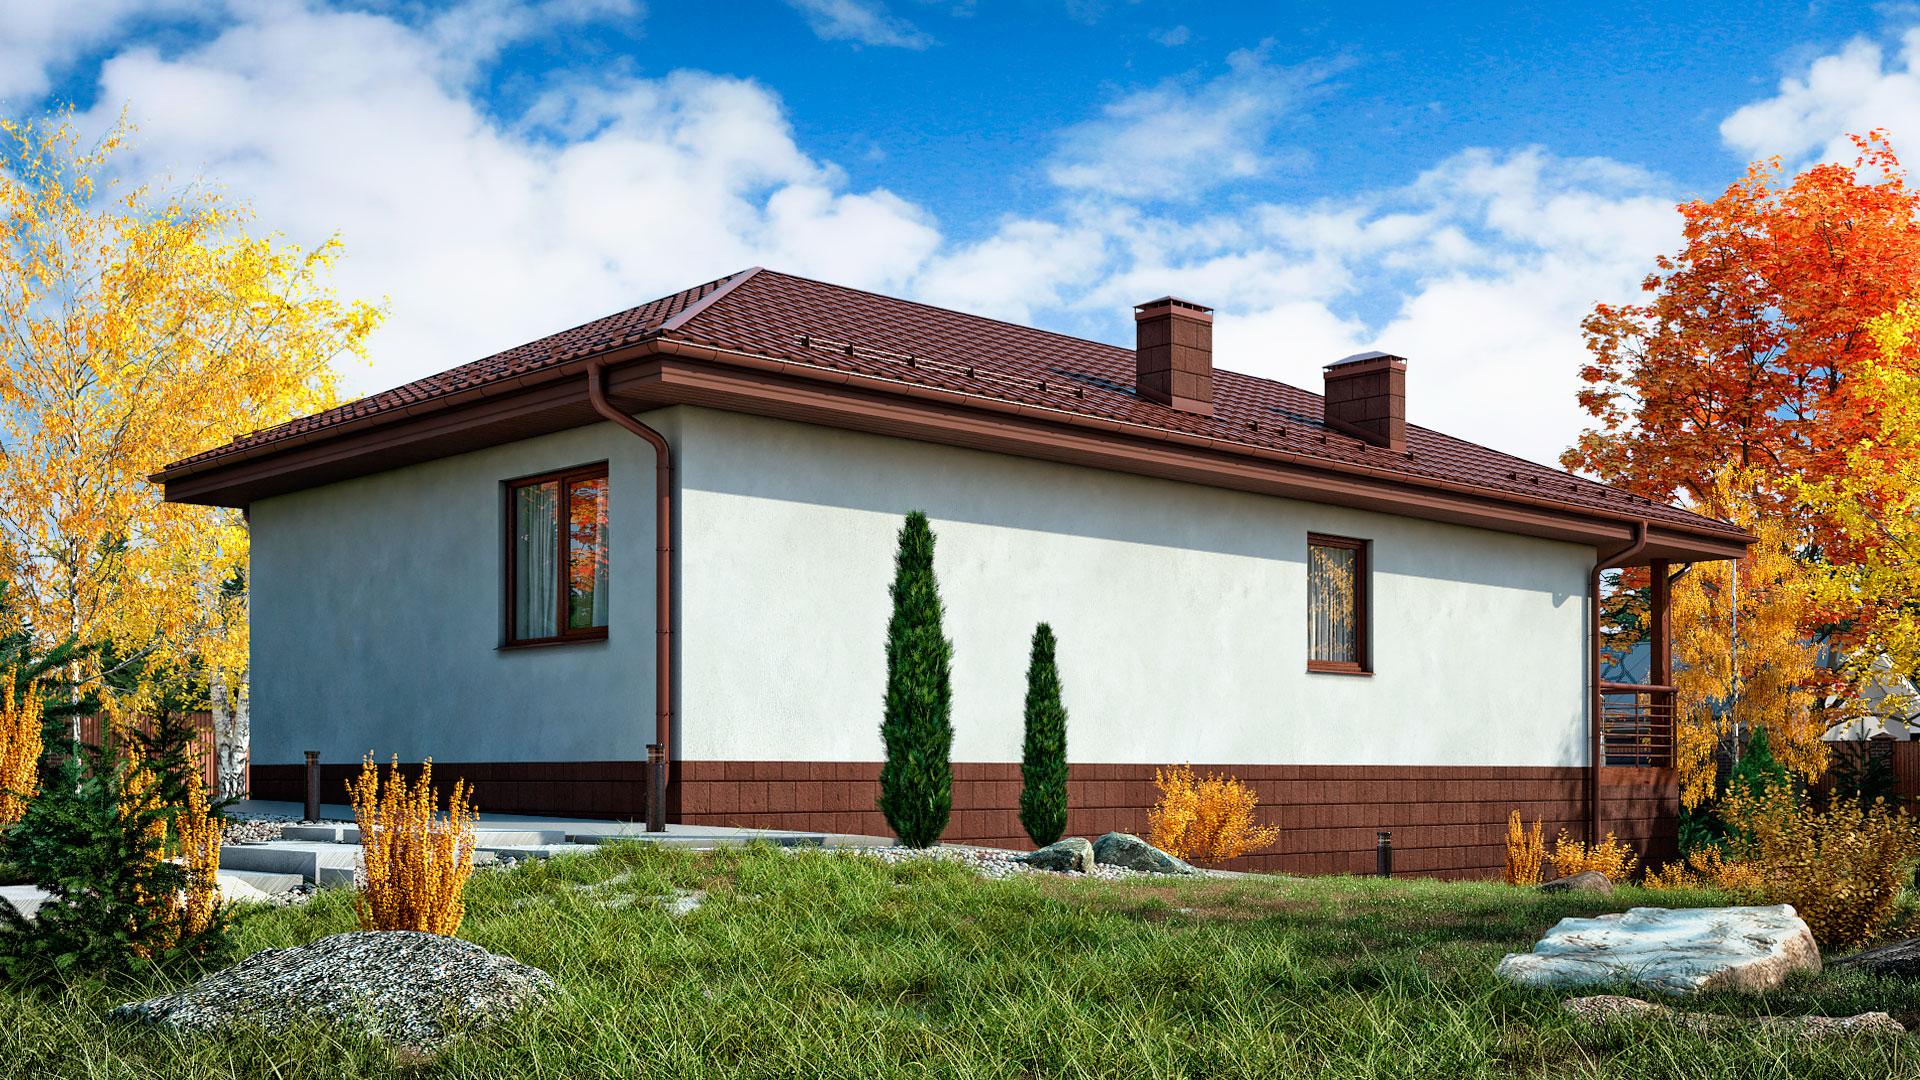 Задний и боковой фасады дома 13 на 7 одноэтажного, проект БЭНПАН БП-94.